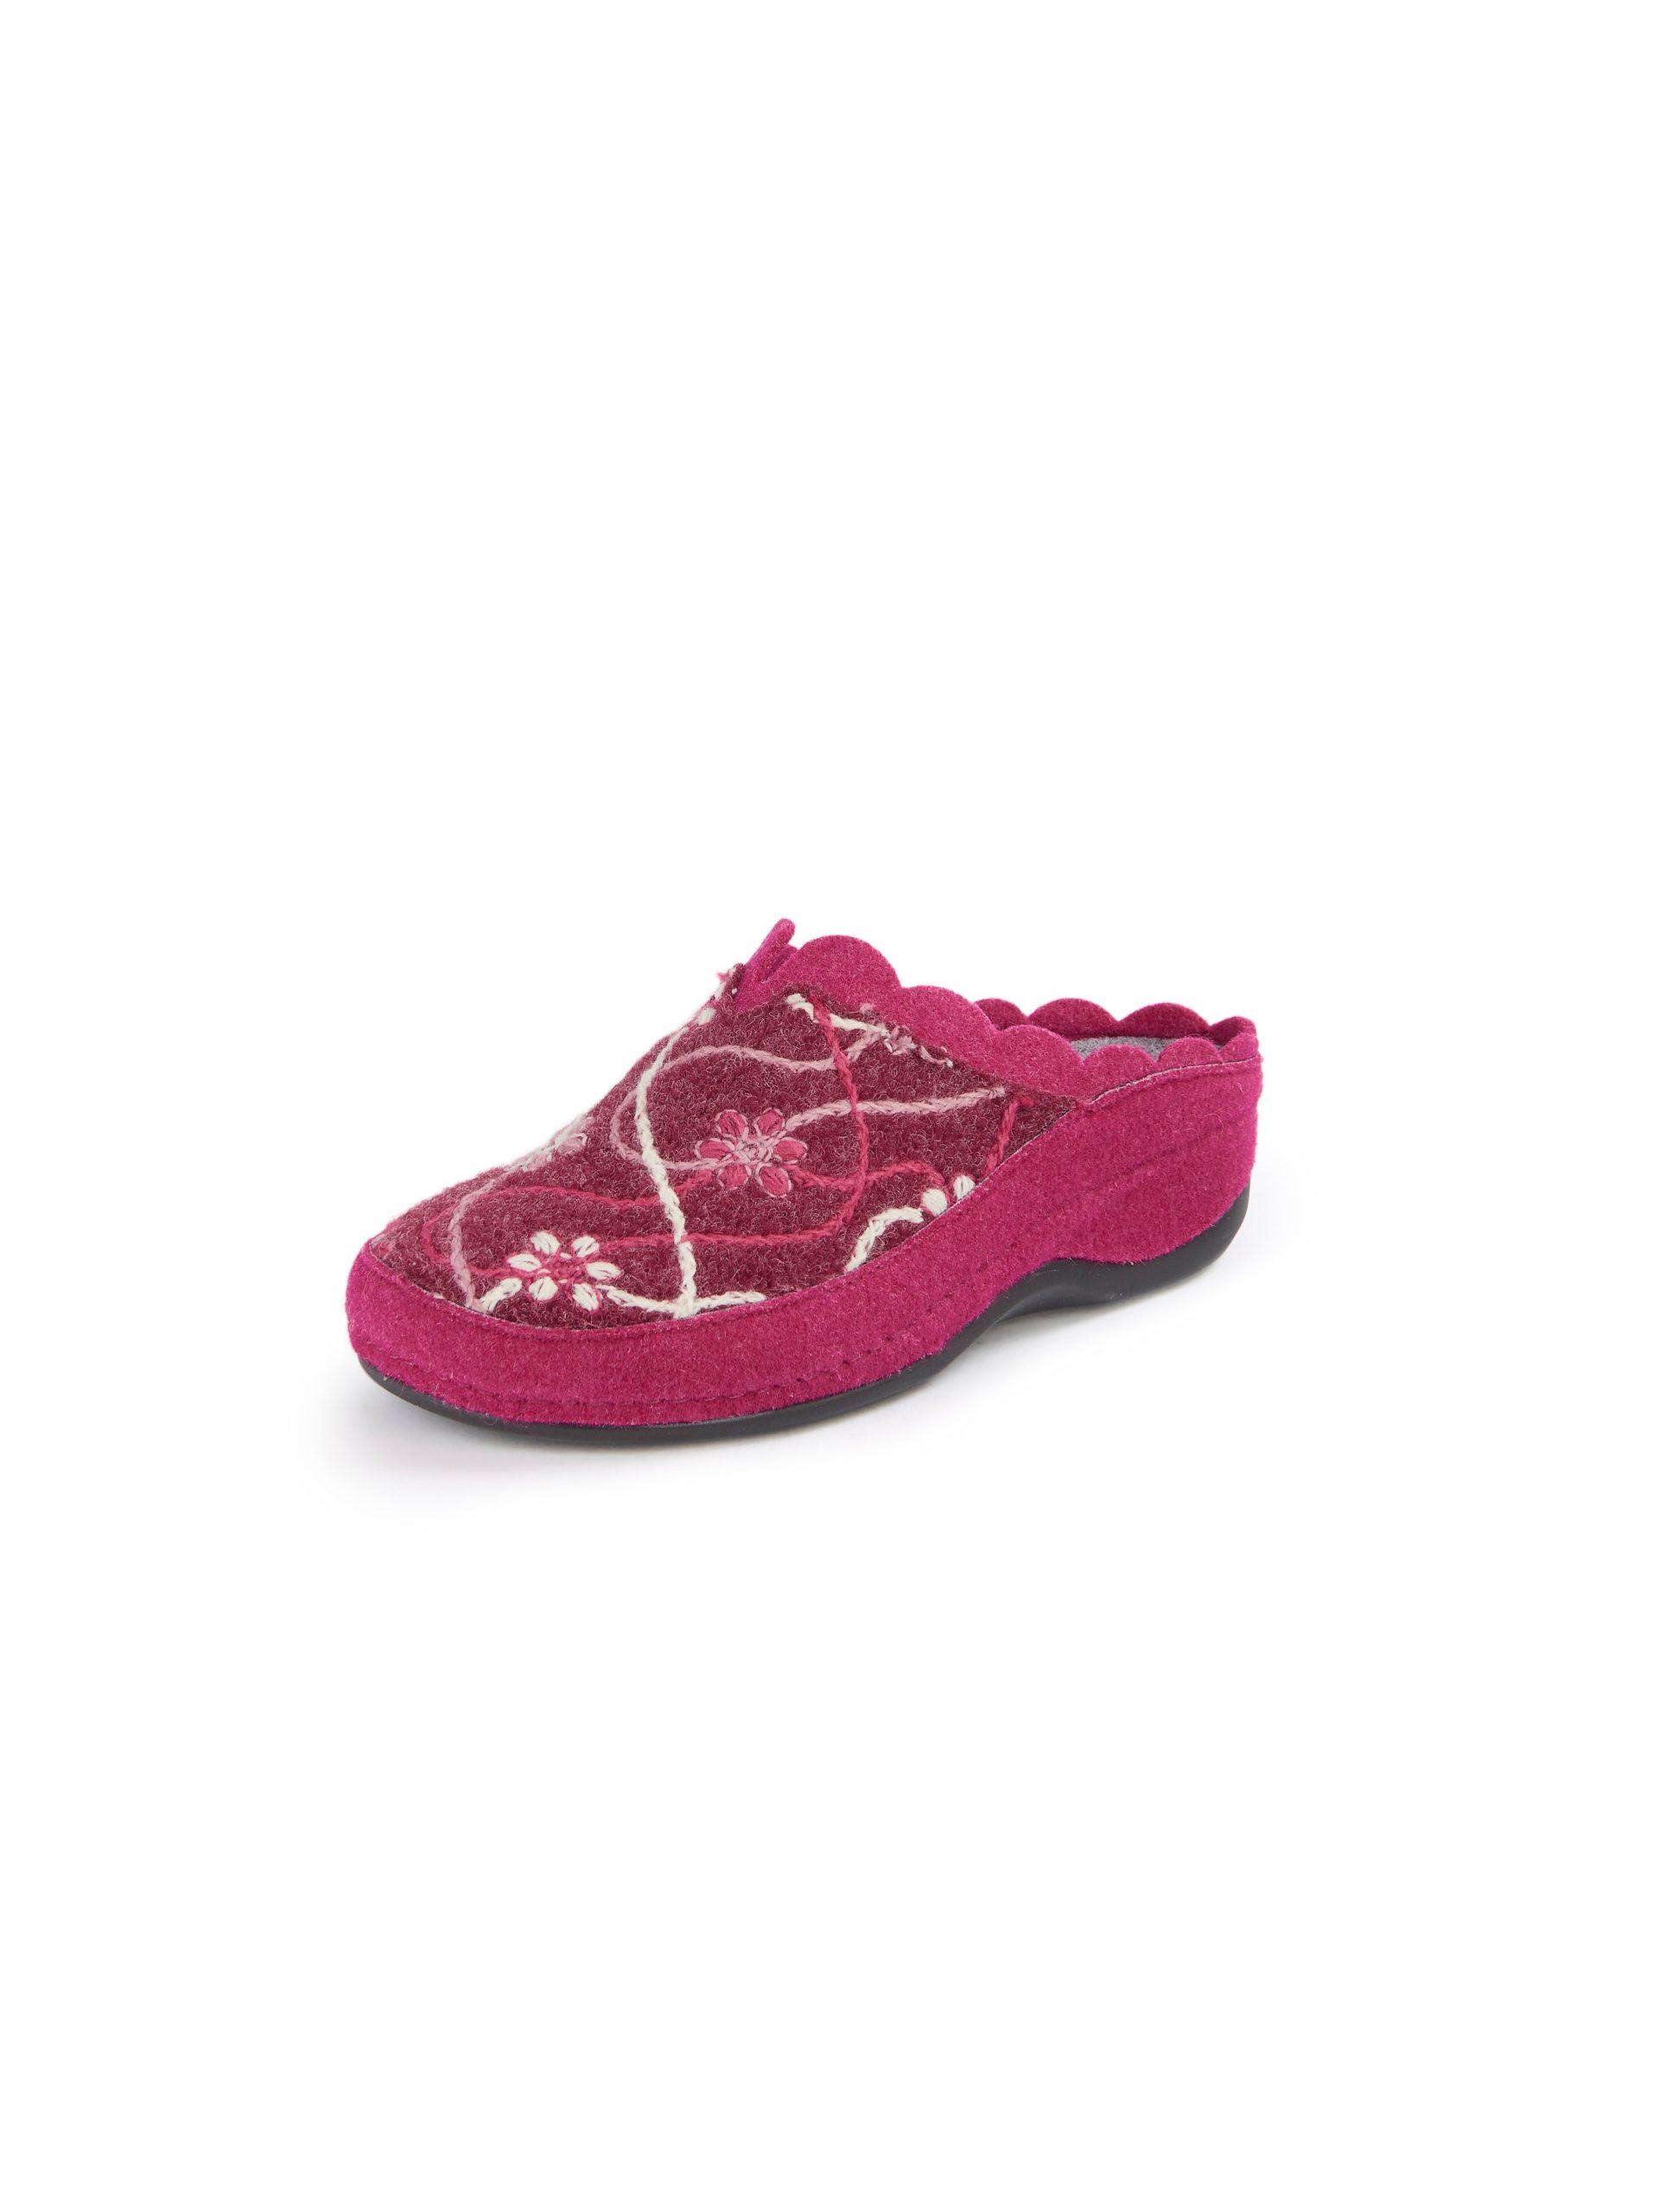 Pantoffels model Adelaide Van Romika roze Kopen